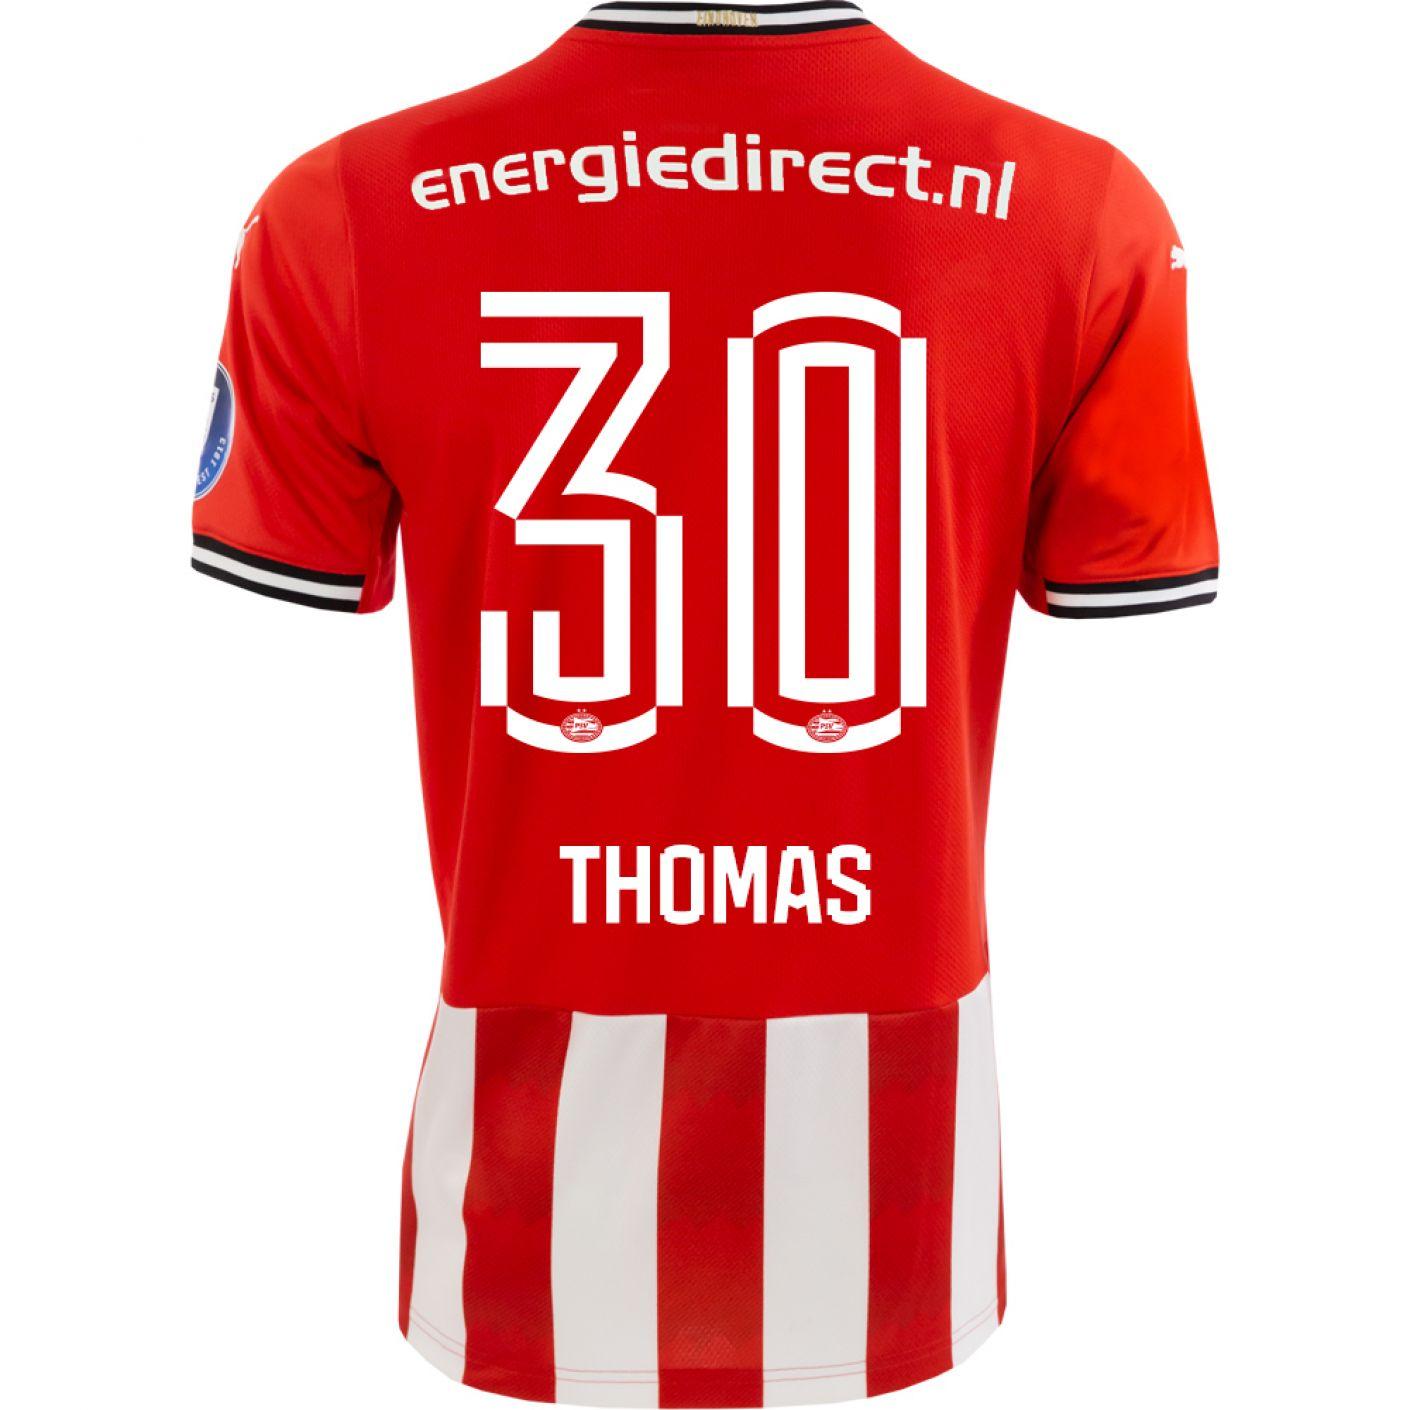 PSV Thomas Thuisshirt 20/21